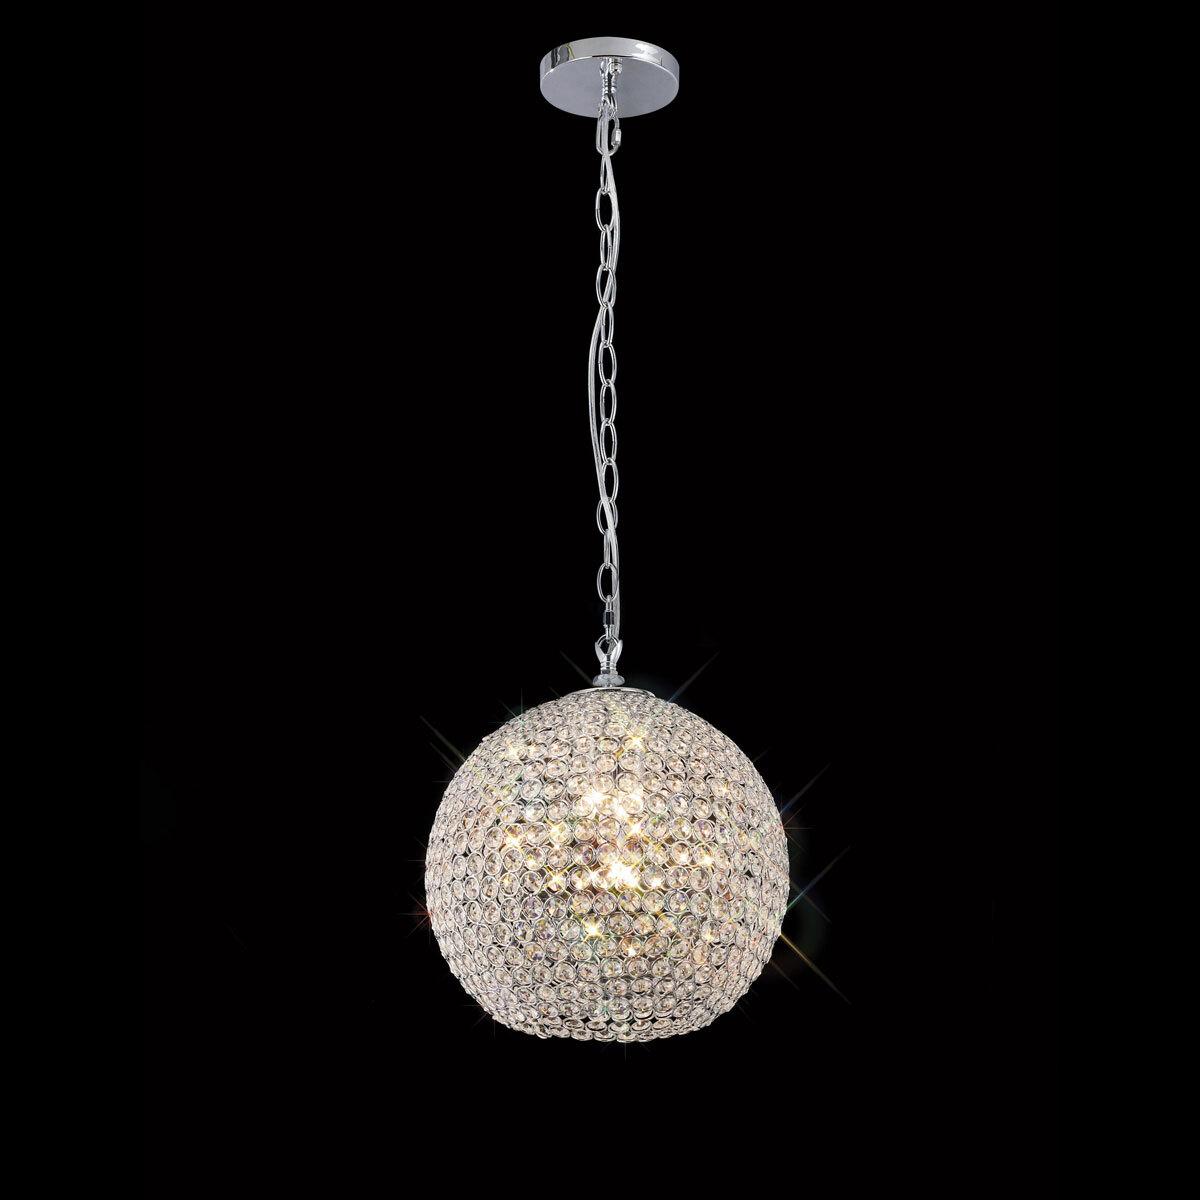 Подвесной светильник Mantra 4601-Mantra, G9, 200 Вт